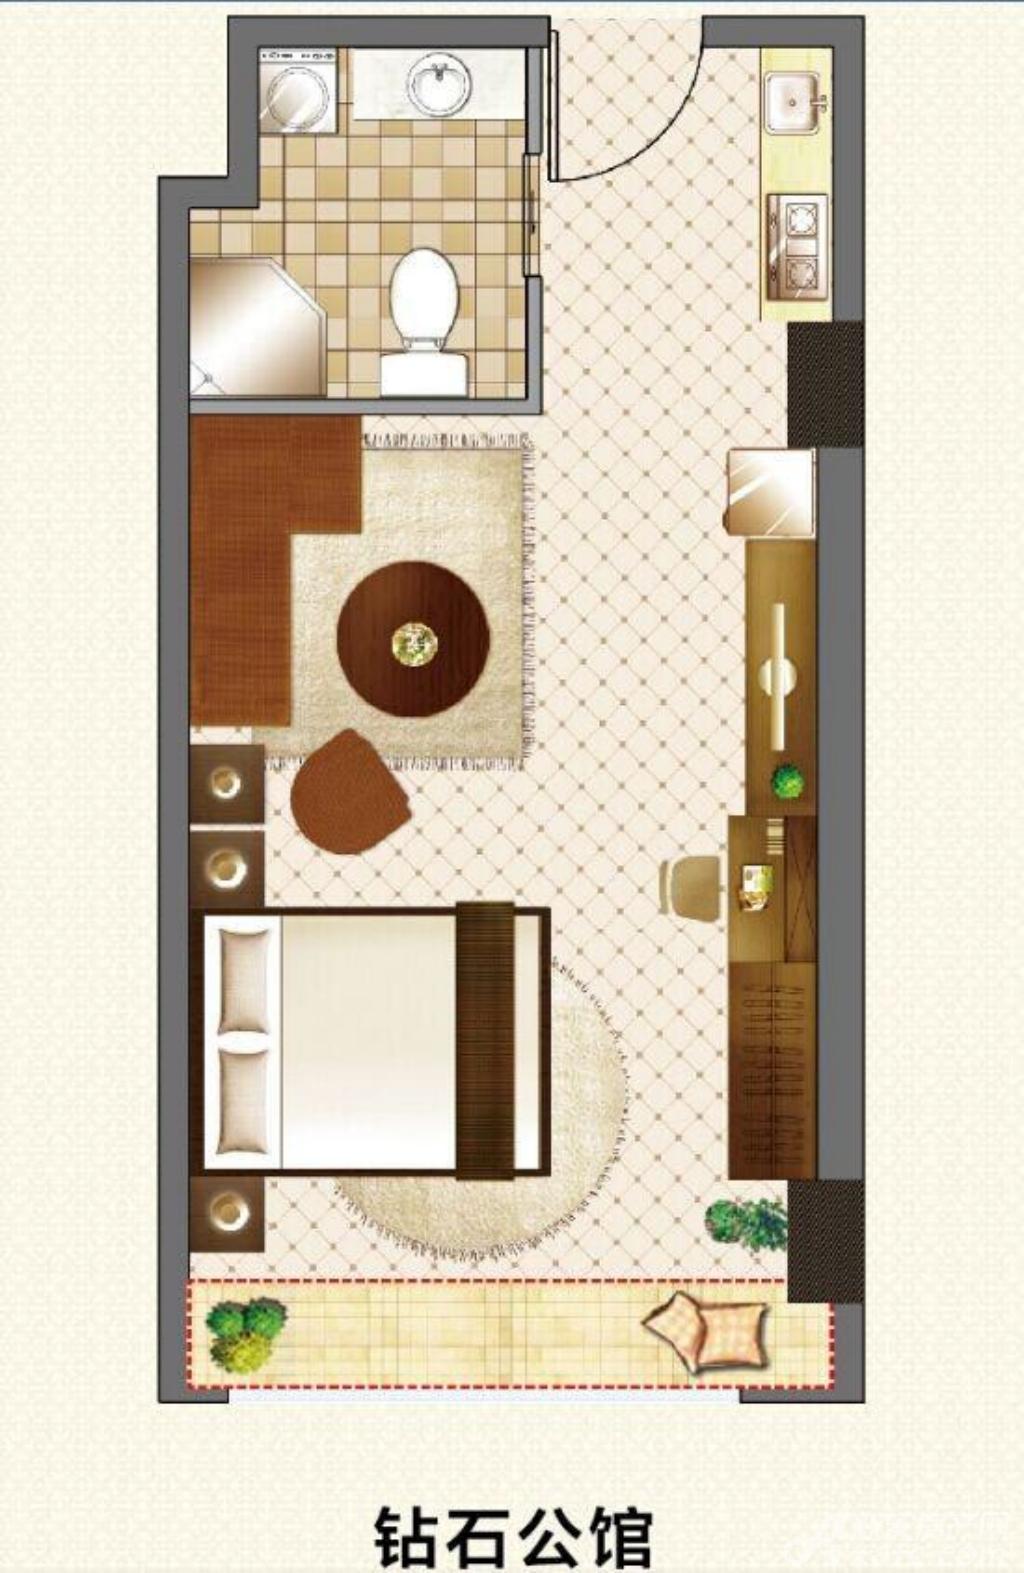 宿州国购广场钻石公馆SOHO户型1室1厅45平米